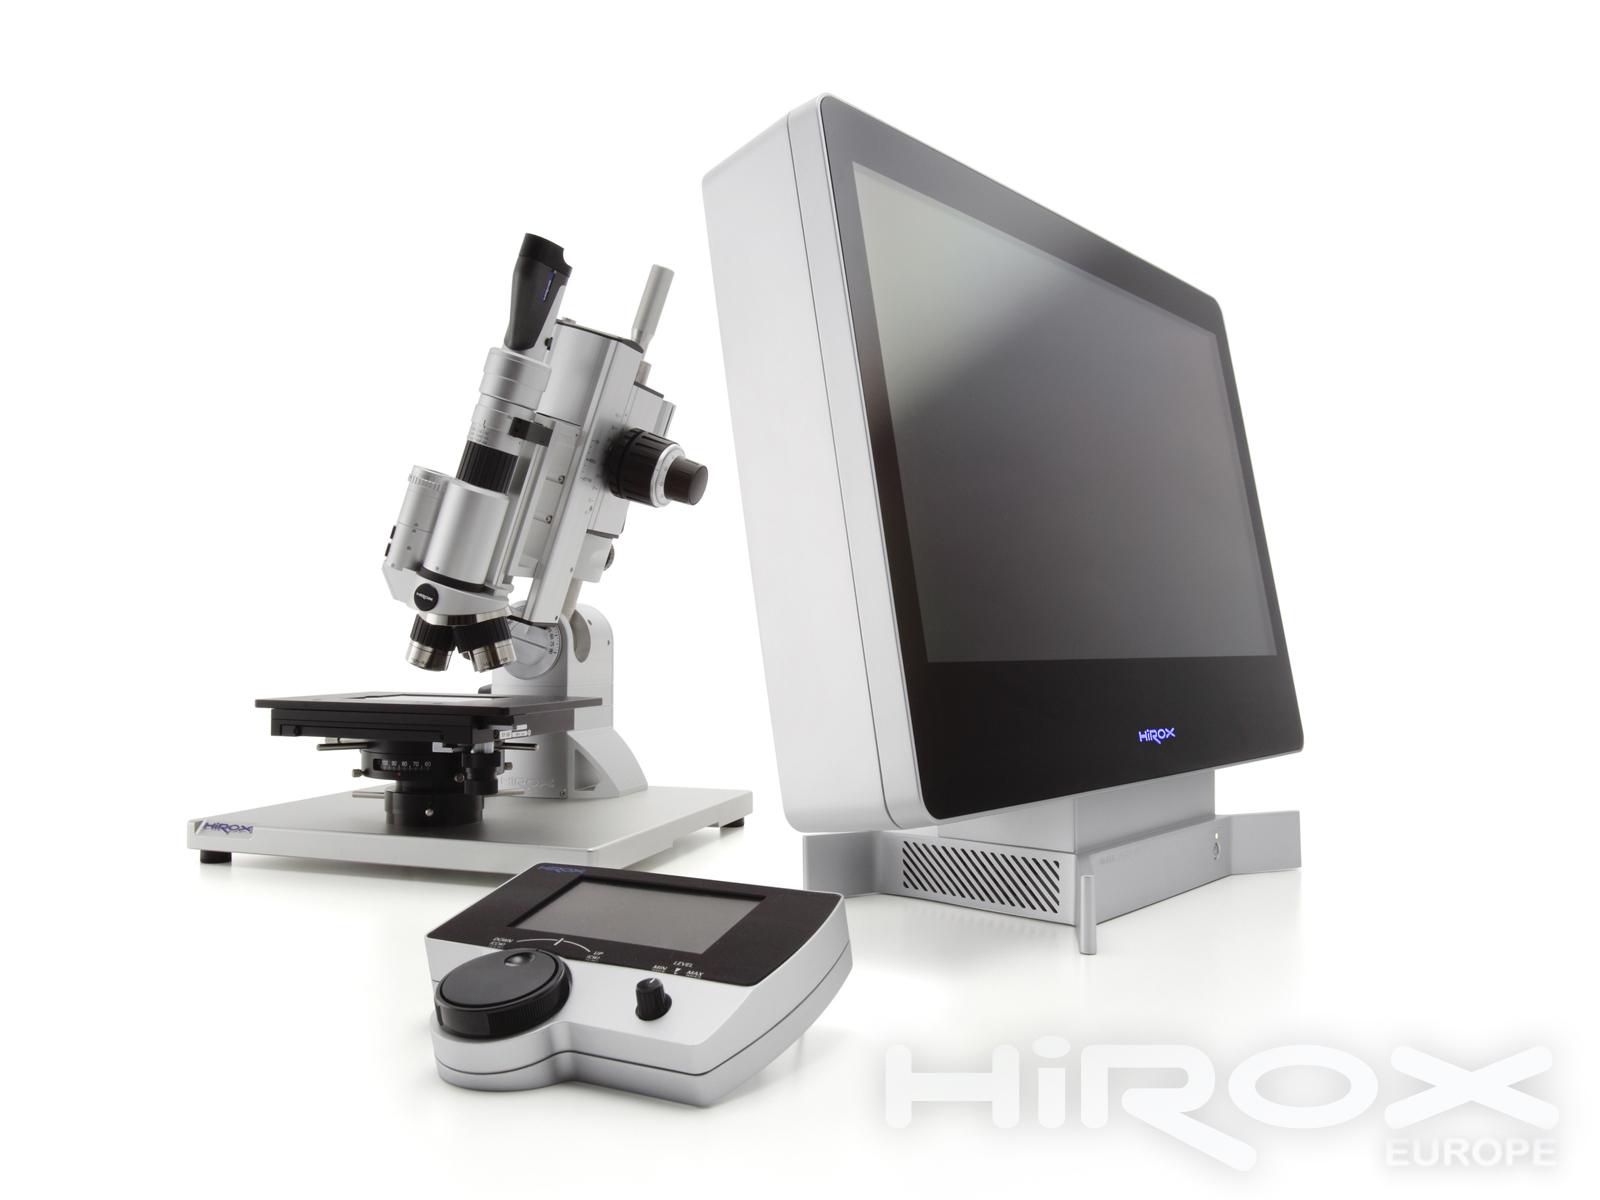 Új generációs Hirox KH 8700 3D-s digitális mikroszkóp egyszerűen és elegánsan